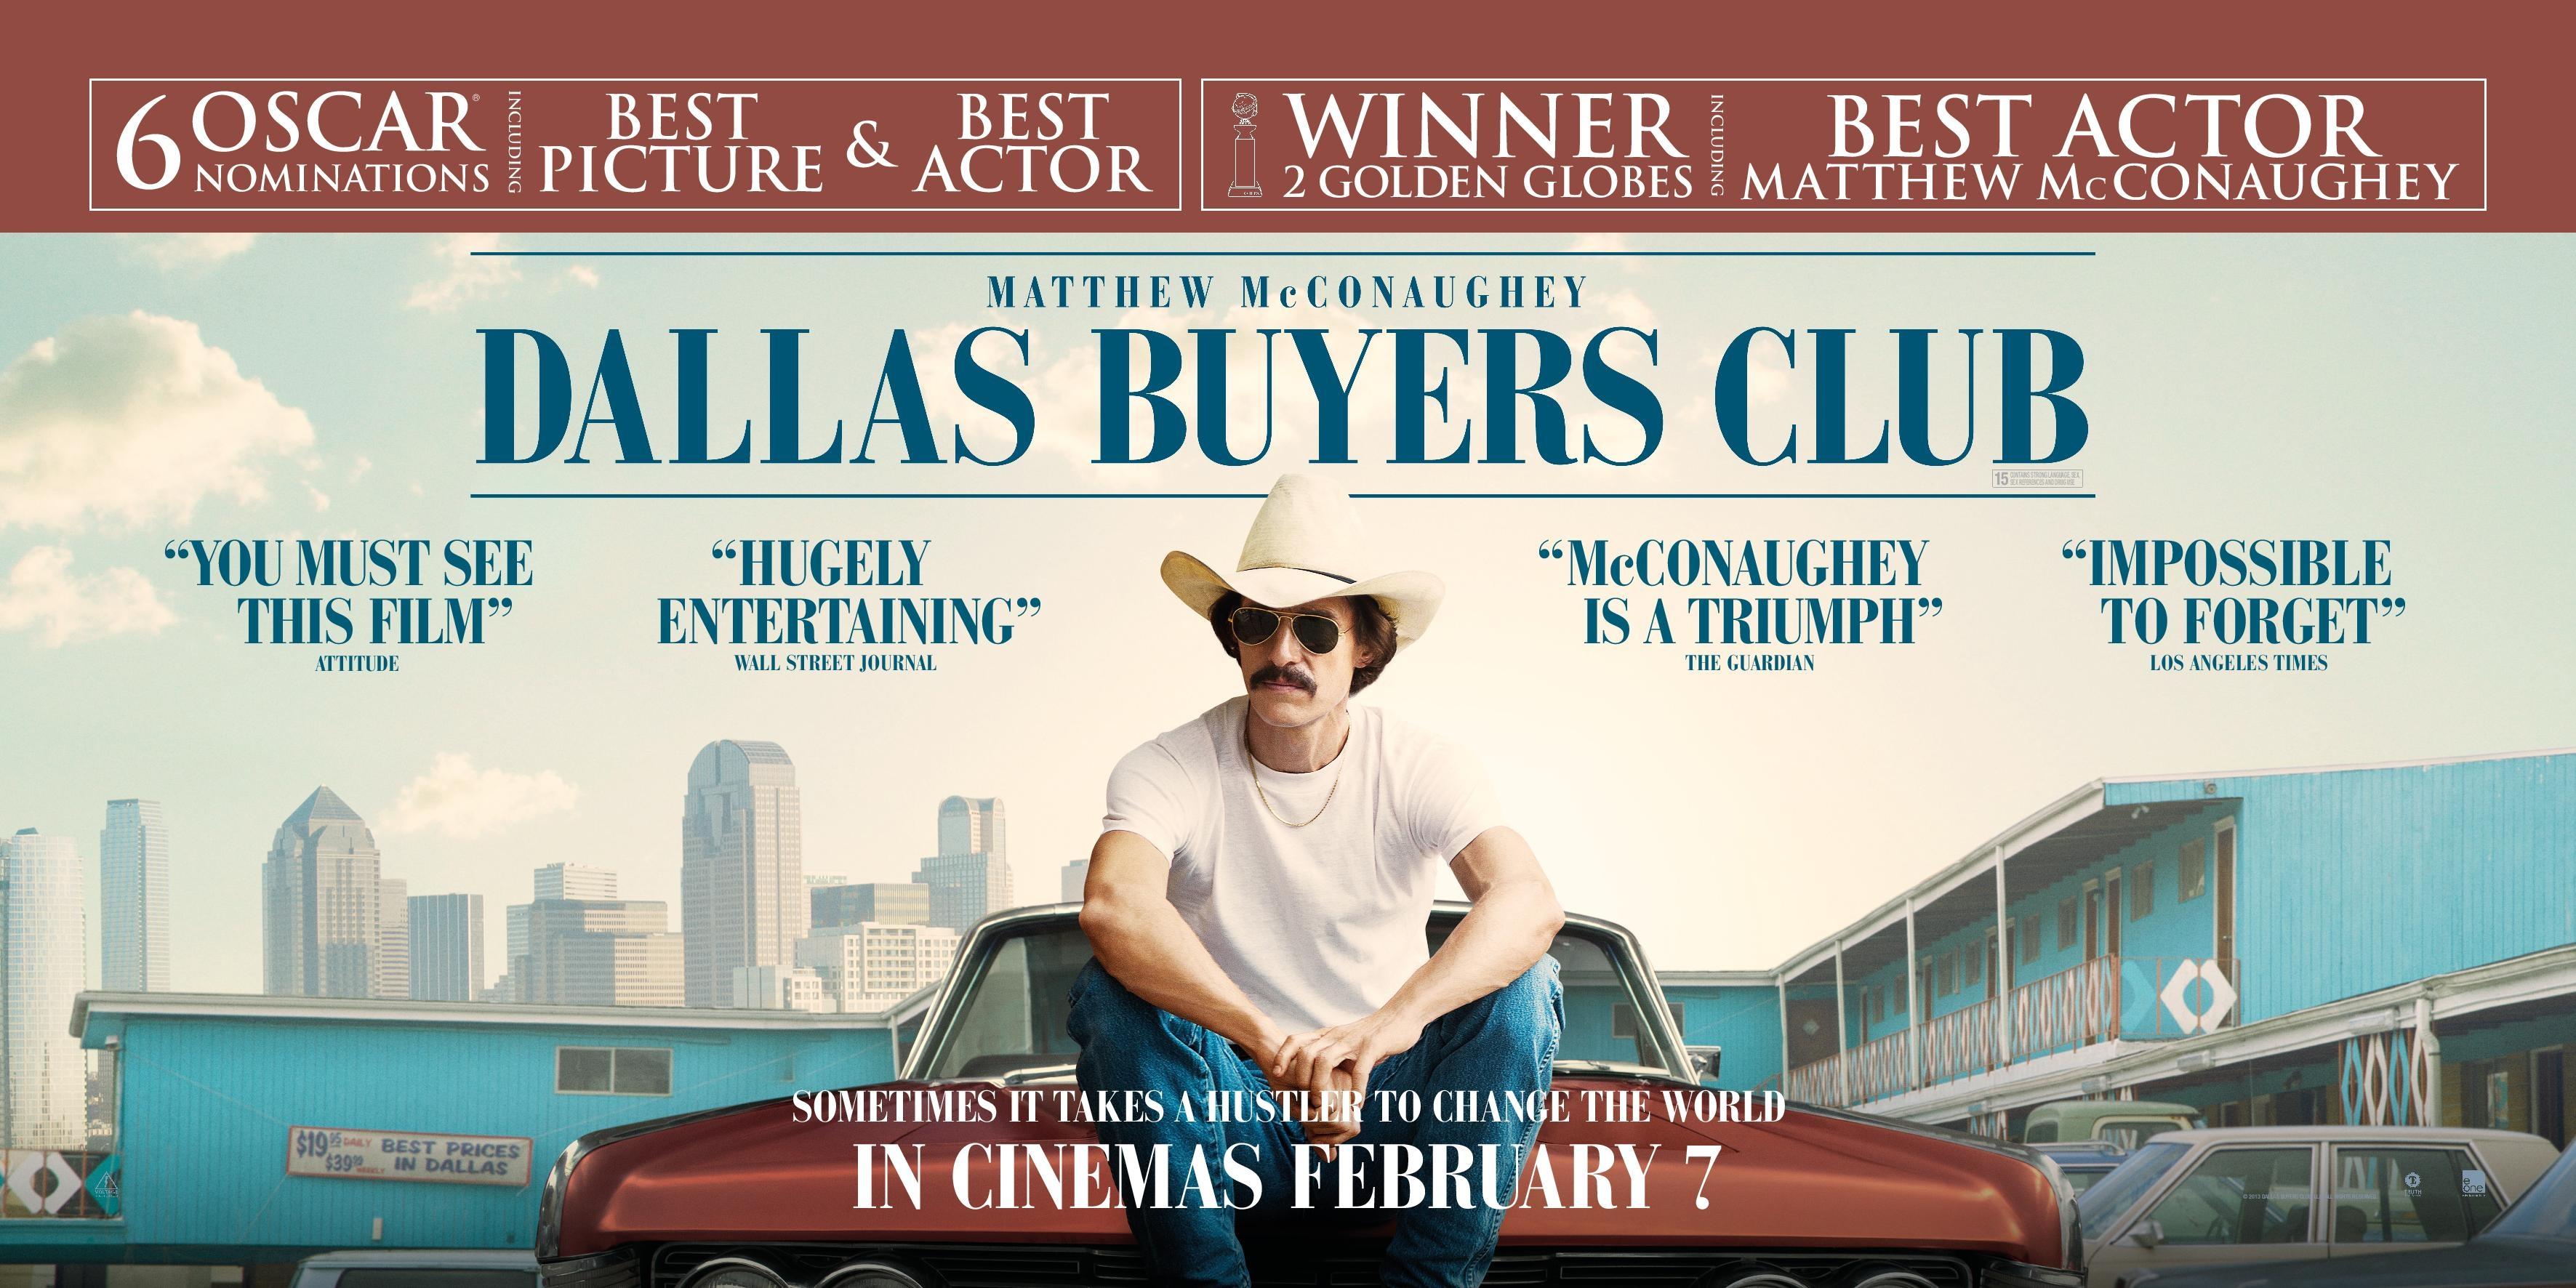 ダラス・バイヤーズクラブ -THE DALLAS BUYERS CLUB-